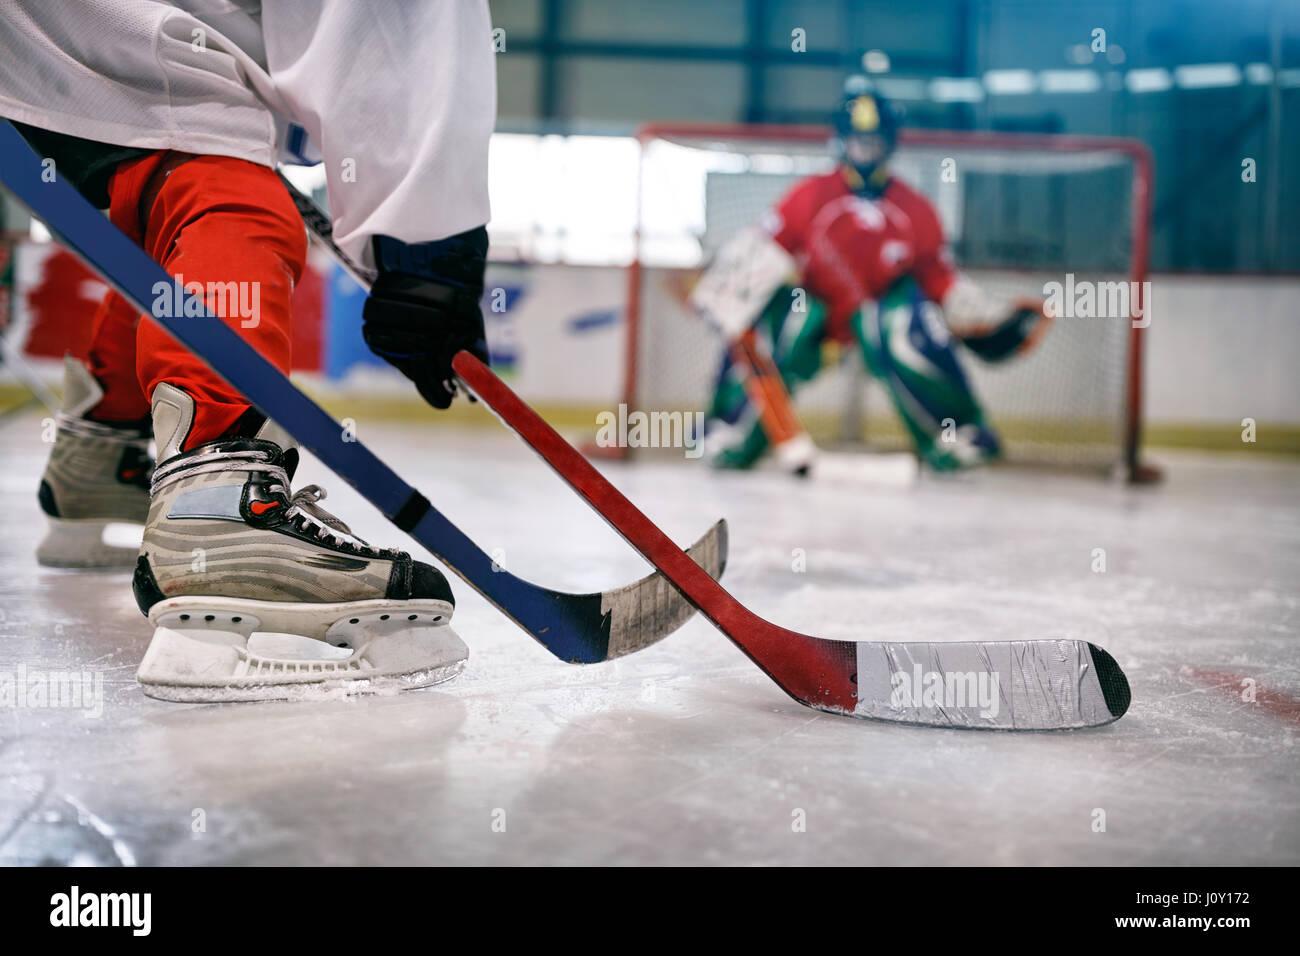 Hockey su ghiaccio giocatore in azione calci con bastone sul traguardo Immagini Stock